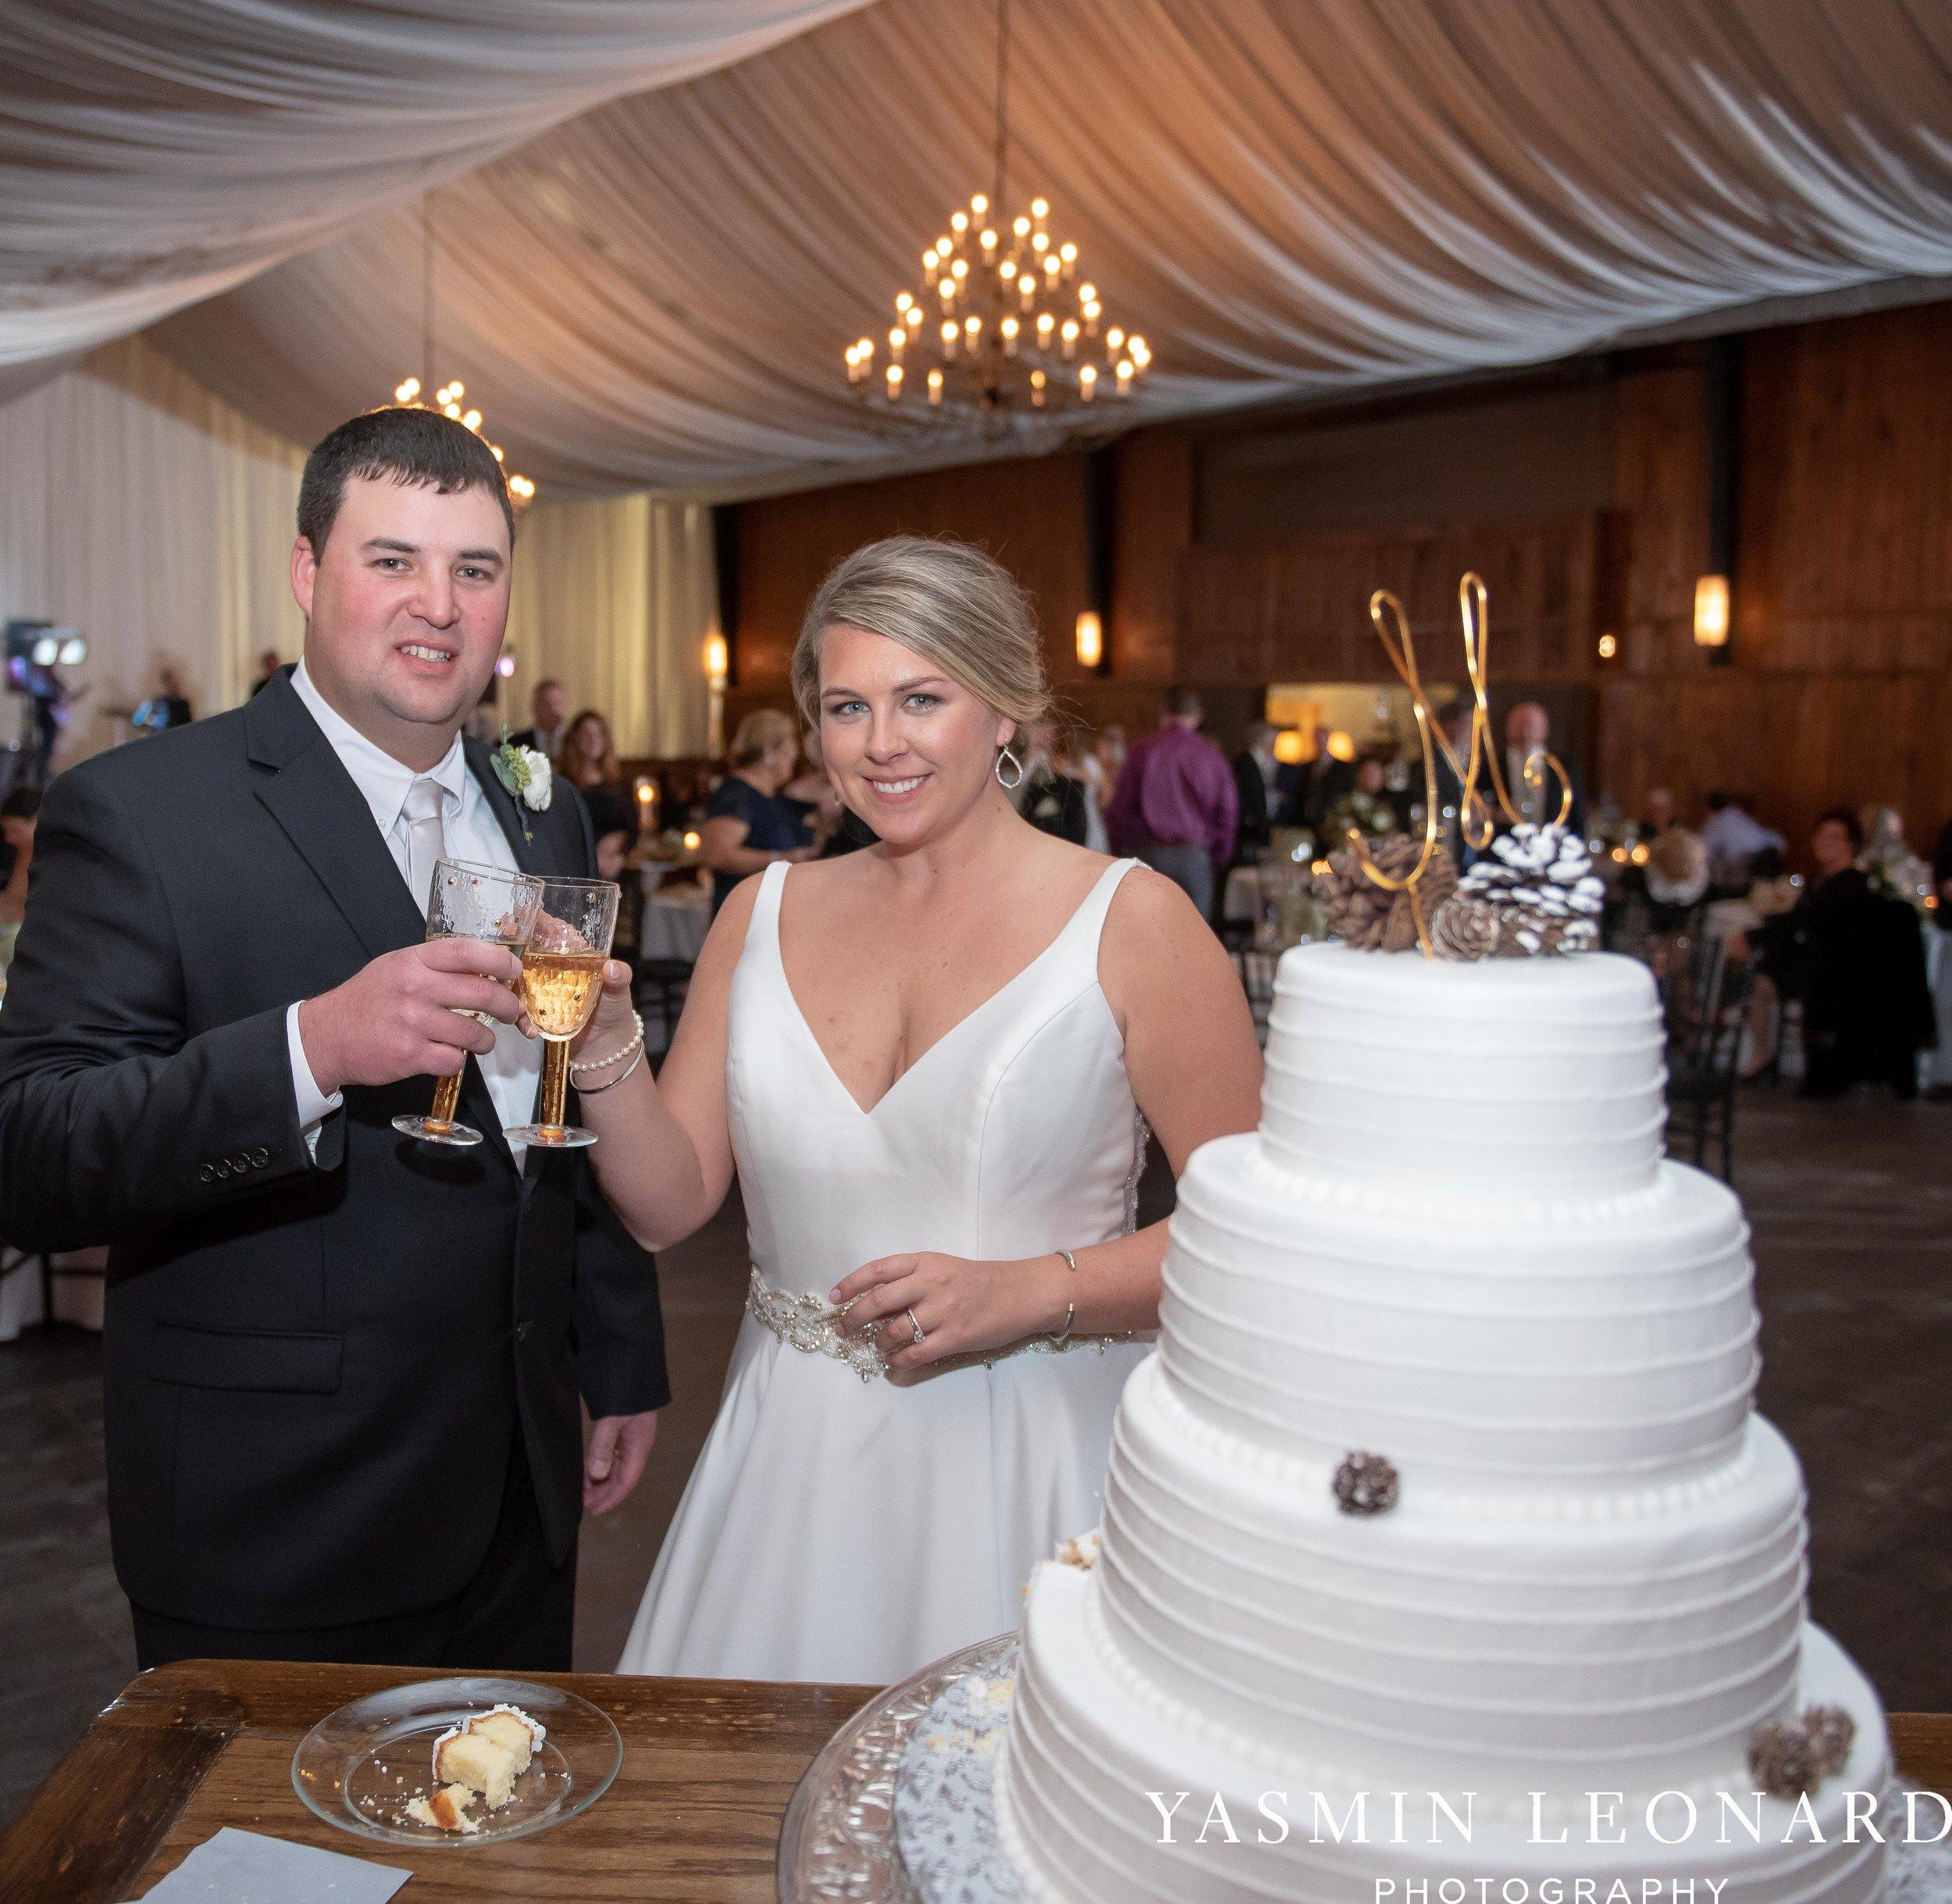 Adaumont Farm - Wesley Memorial Weddings - High Point Weddings - Just Priceless - NC Wedding Photographer - Yasmin Leonard Photography - High Point Wedding Vendors-63.jpg